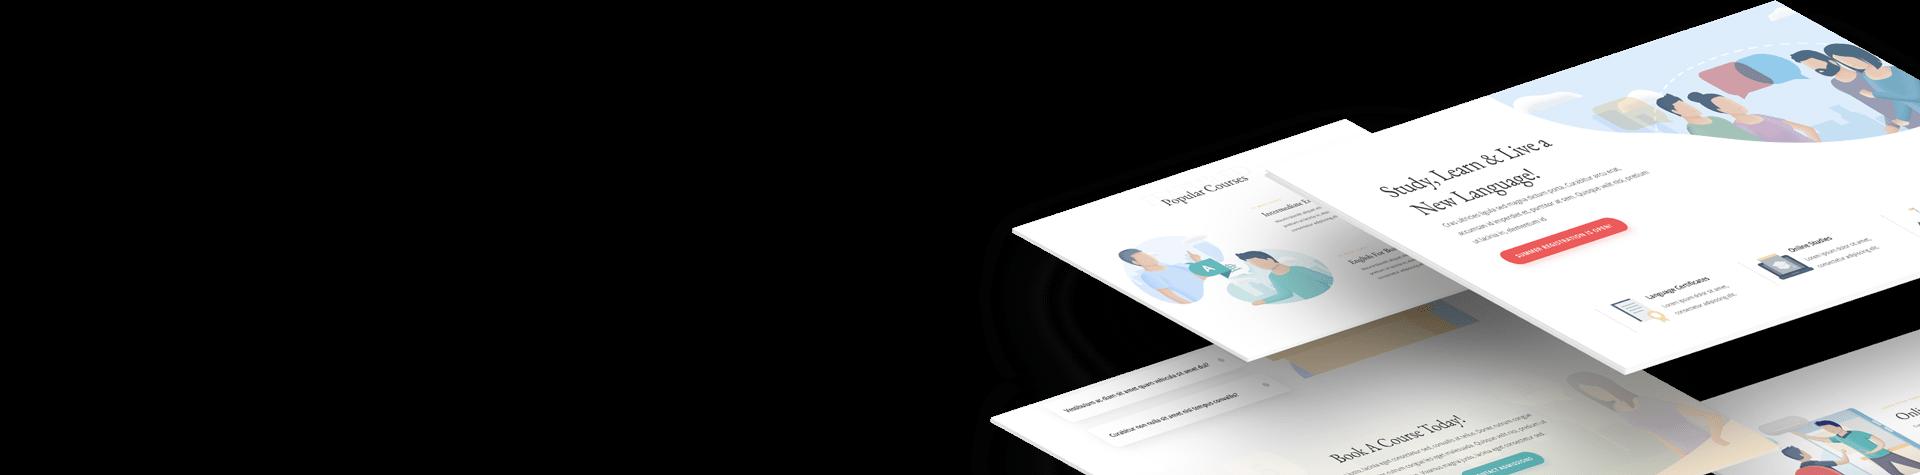 Webdesign Website Beispiele - Voll Webdesign & SEO